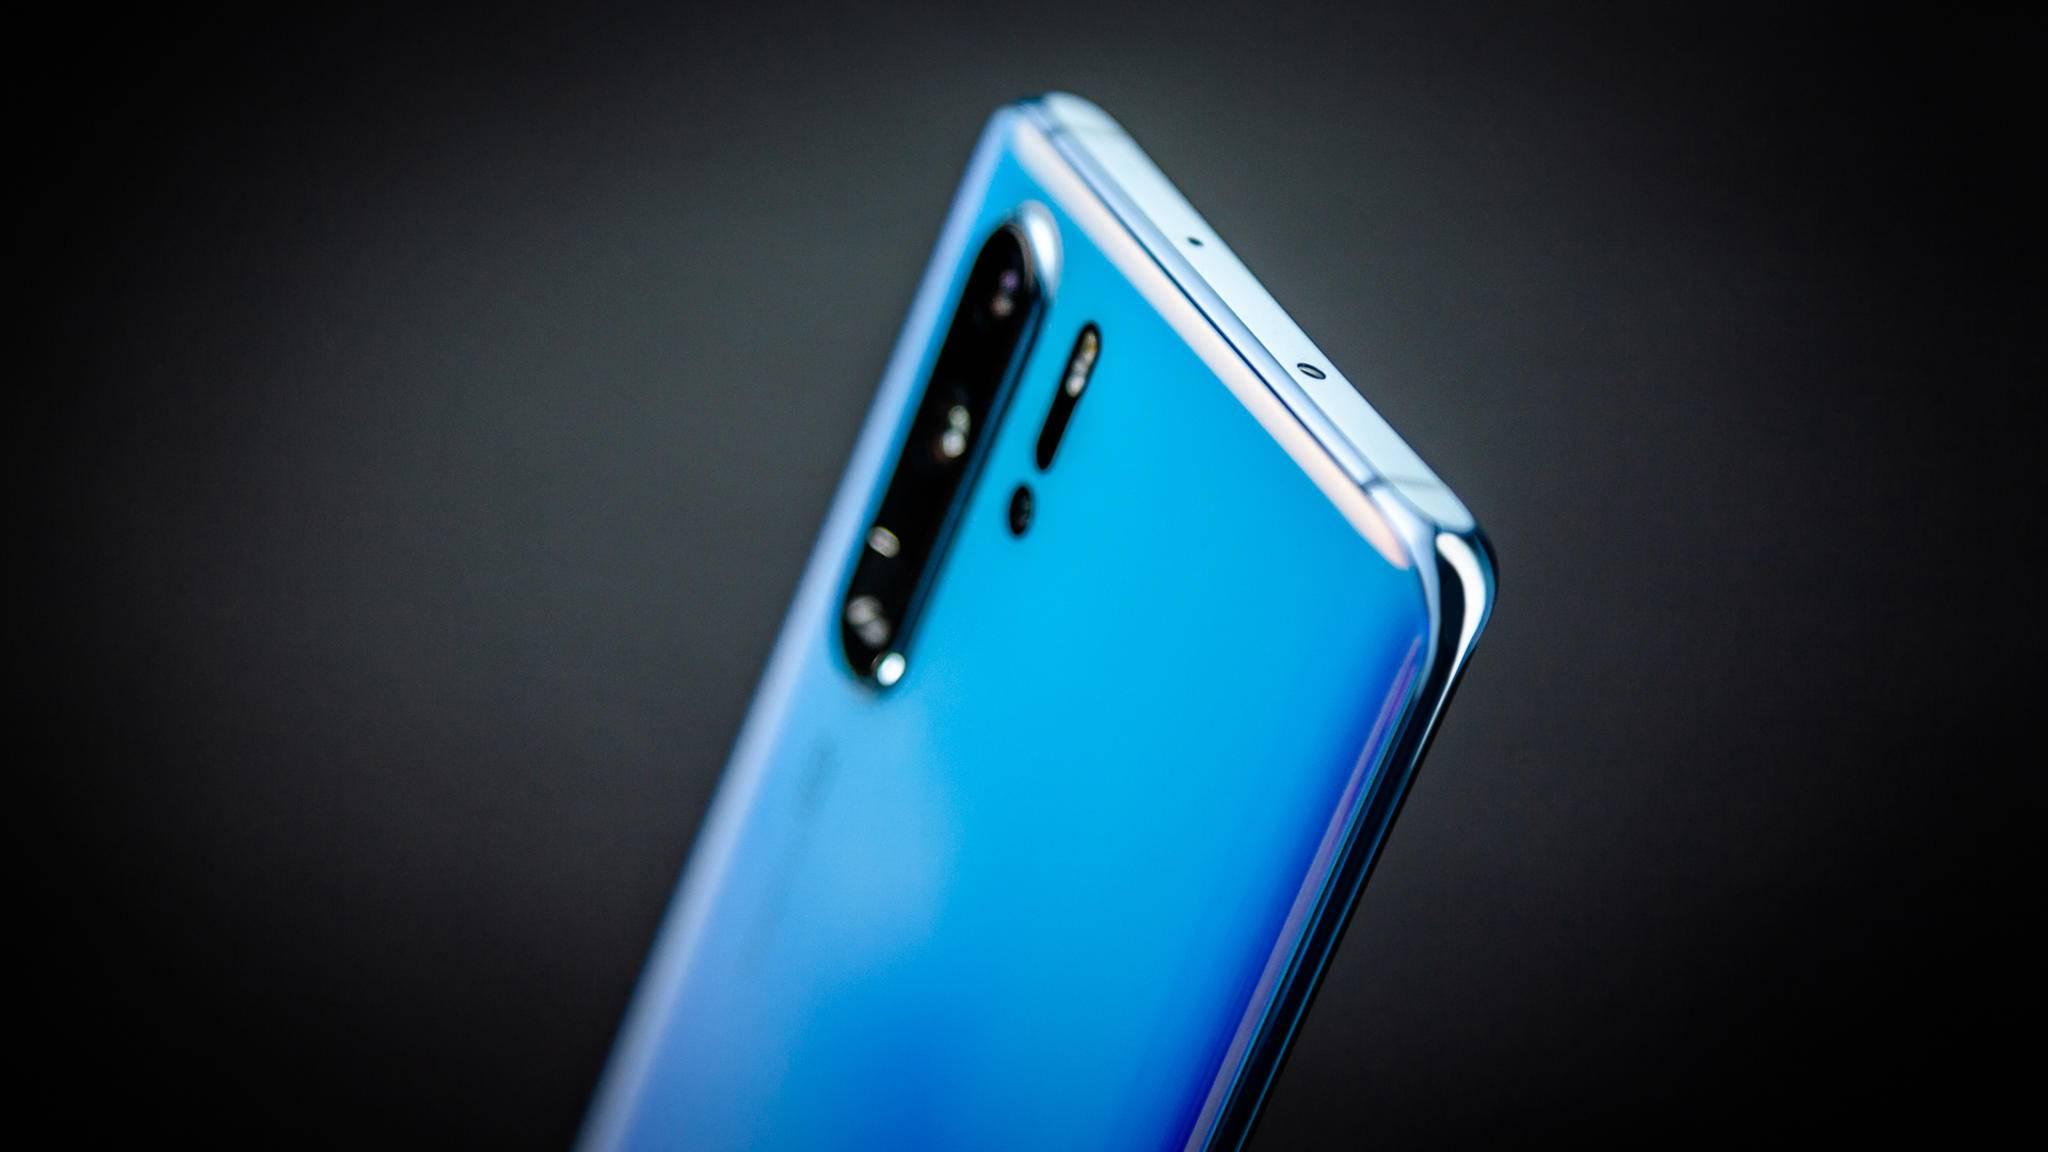 Der Nachfolger des Huawei P30 Pro (Foto) soll im März erscheinen.